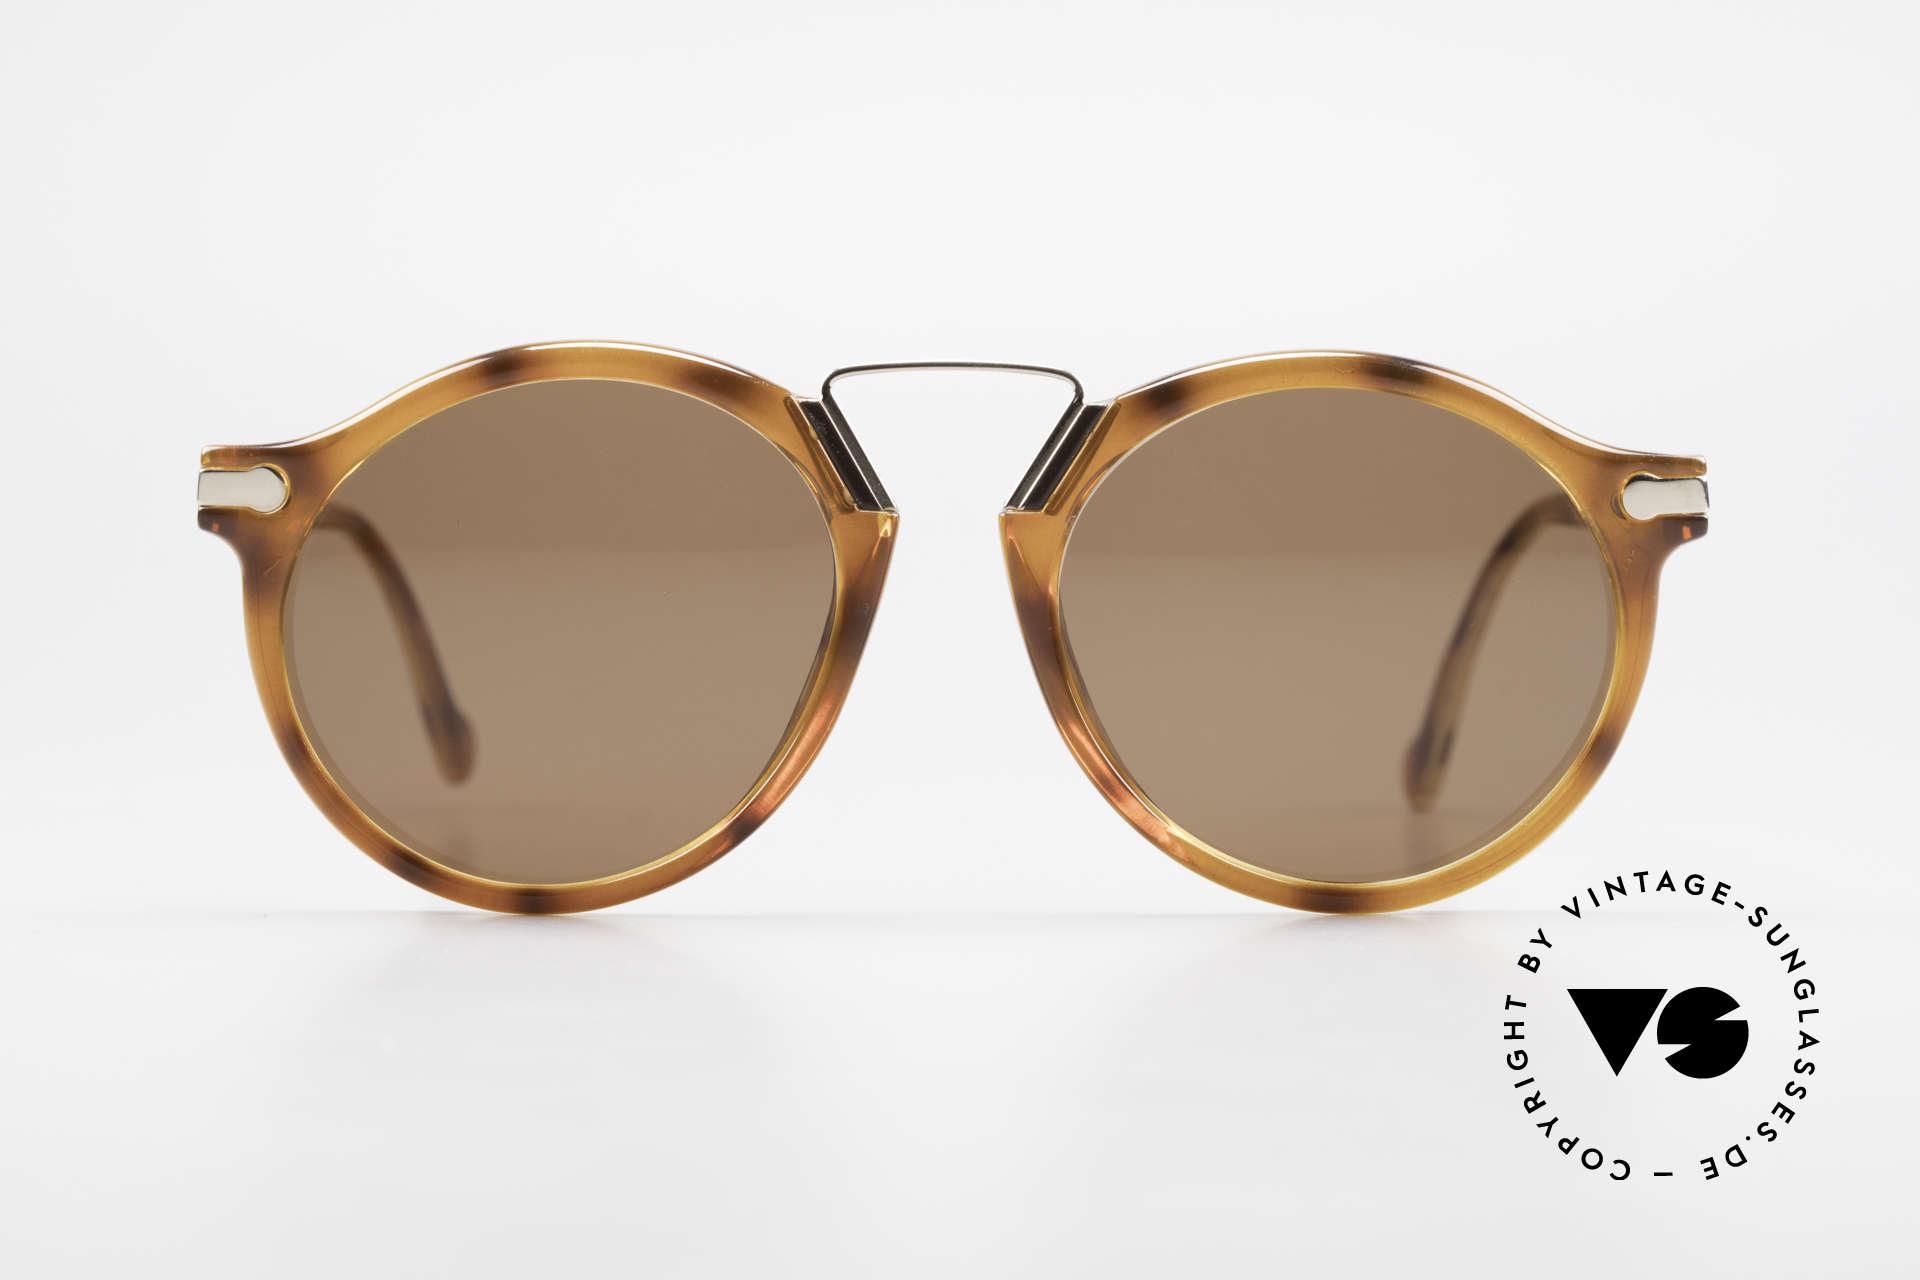 BOSS 5151 90er Panto Style Sonnenbrille, seltenes Original aus den 90ern (made in Austria), Passend für Herren